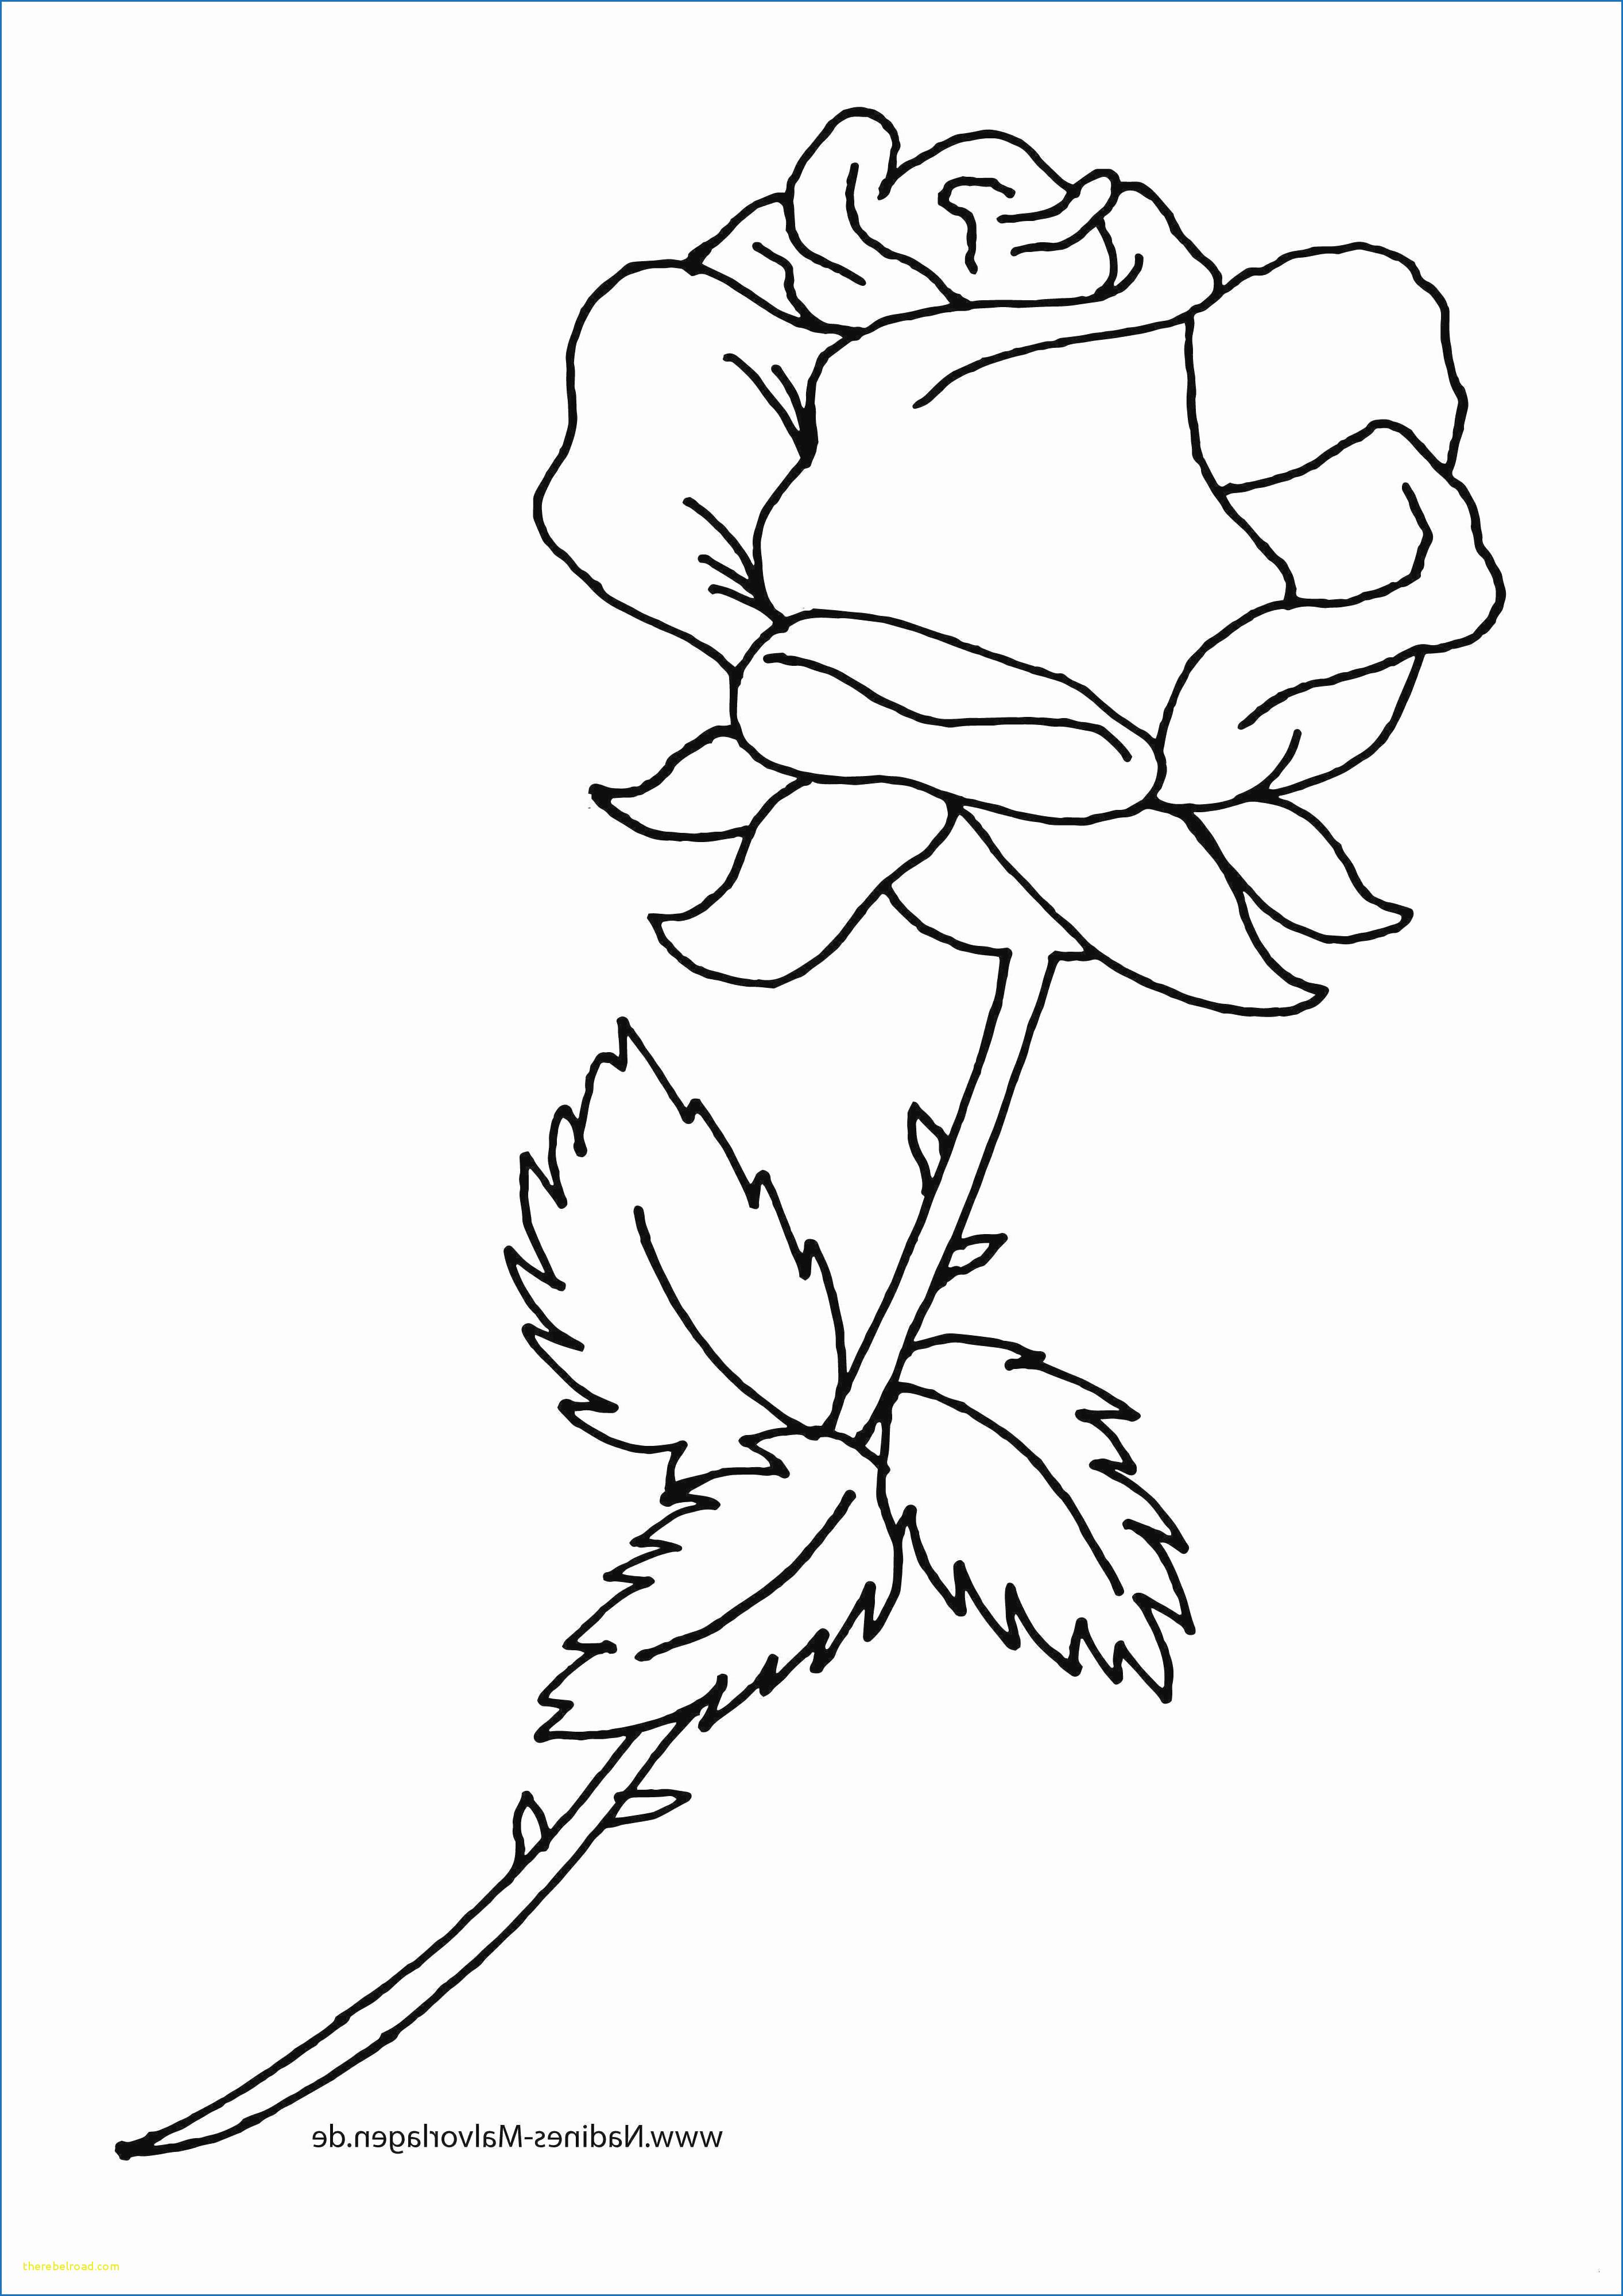 Ausmalbilder Rosen Mit Herz Neu Ausmalbilder Rosen Bilder